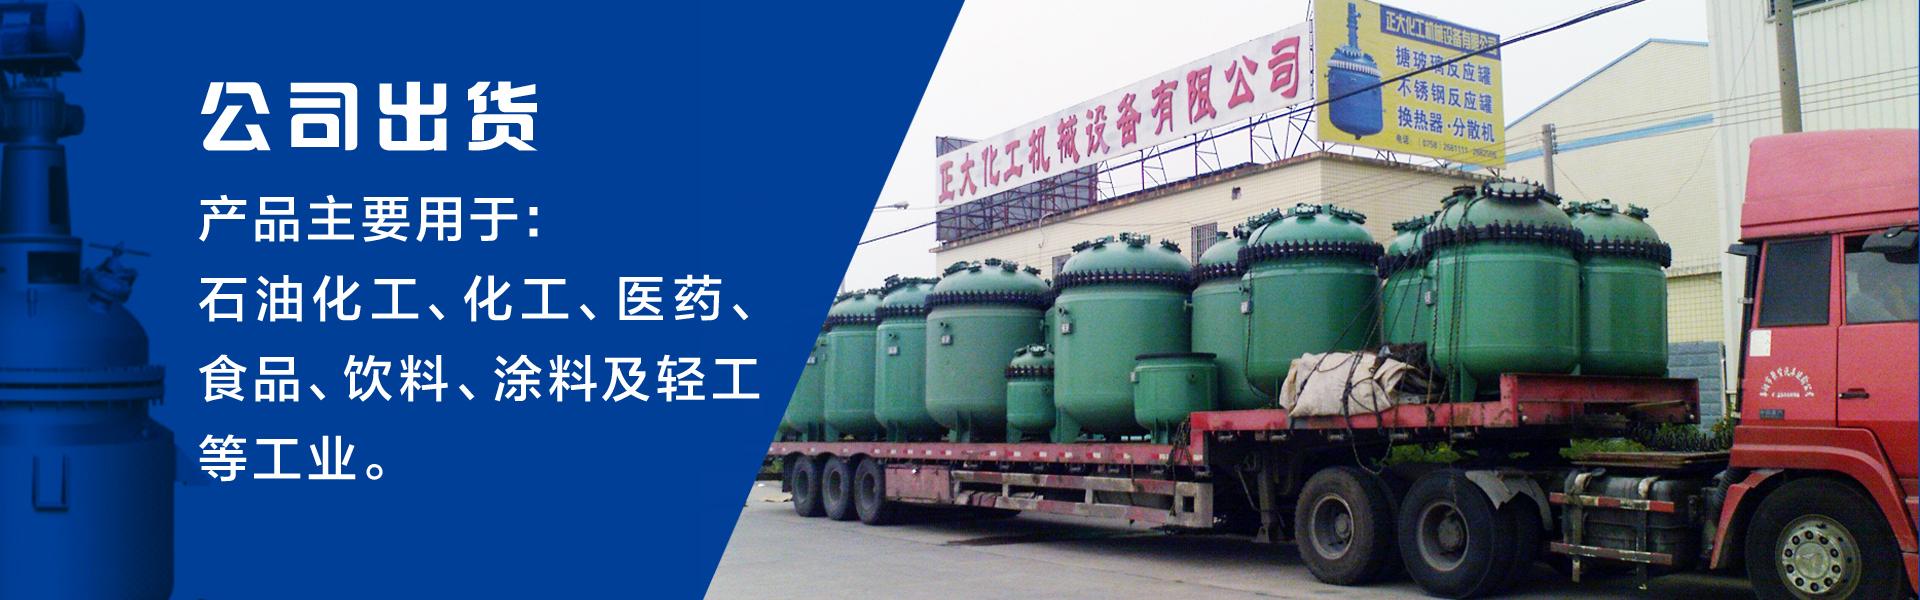 肇庆市正大化工机械设备有限公司主要产品品种有反应釜、反应罐、不锈钢反应釜、不锈钢反应罐、搪瓷反应罐等!